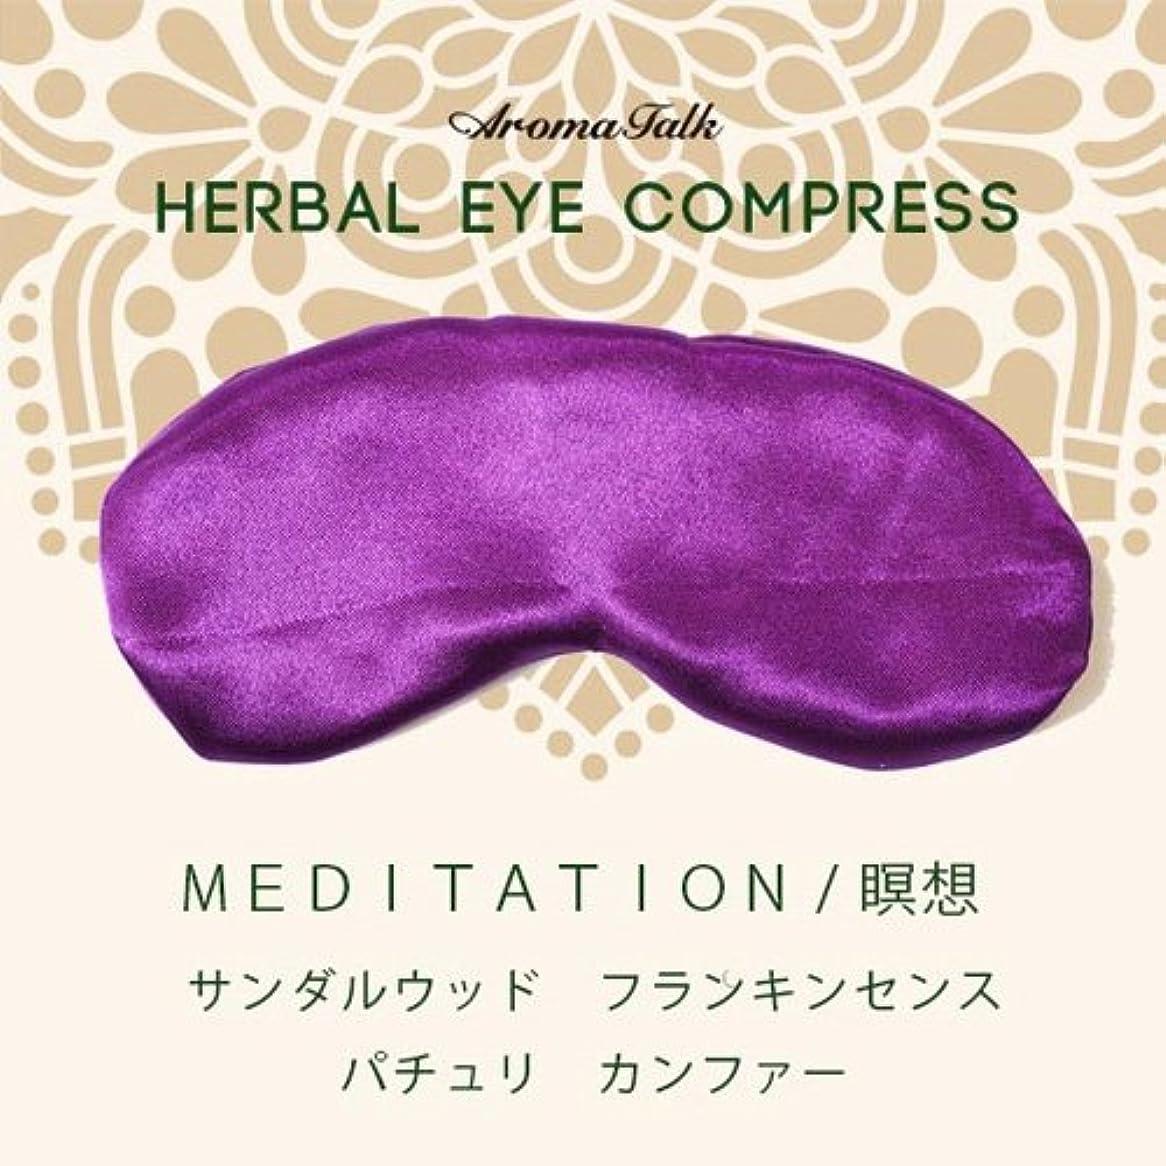 作者マウスピースポーチハーバルアイコンプレス「メディテイション 瞑想」紫/禅をイメージしたウッド系の香り